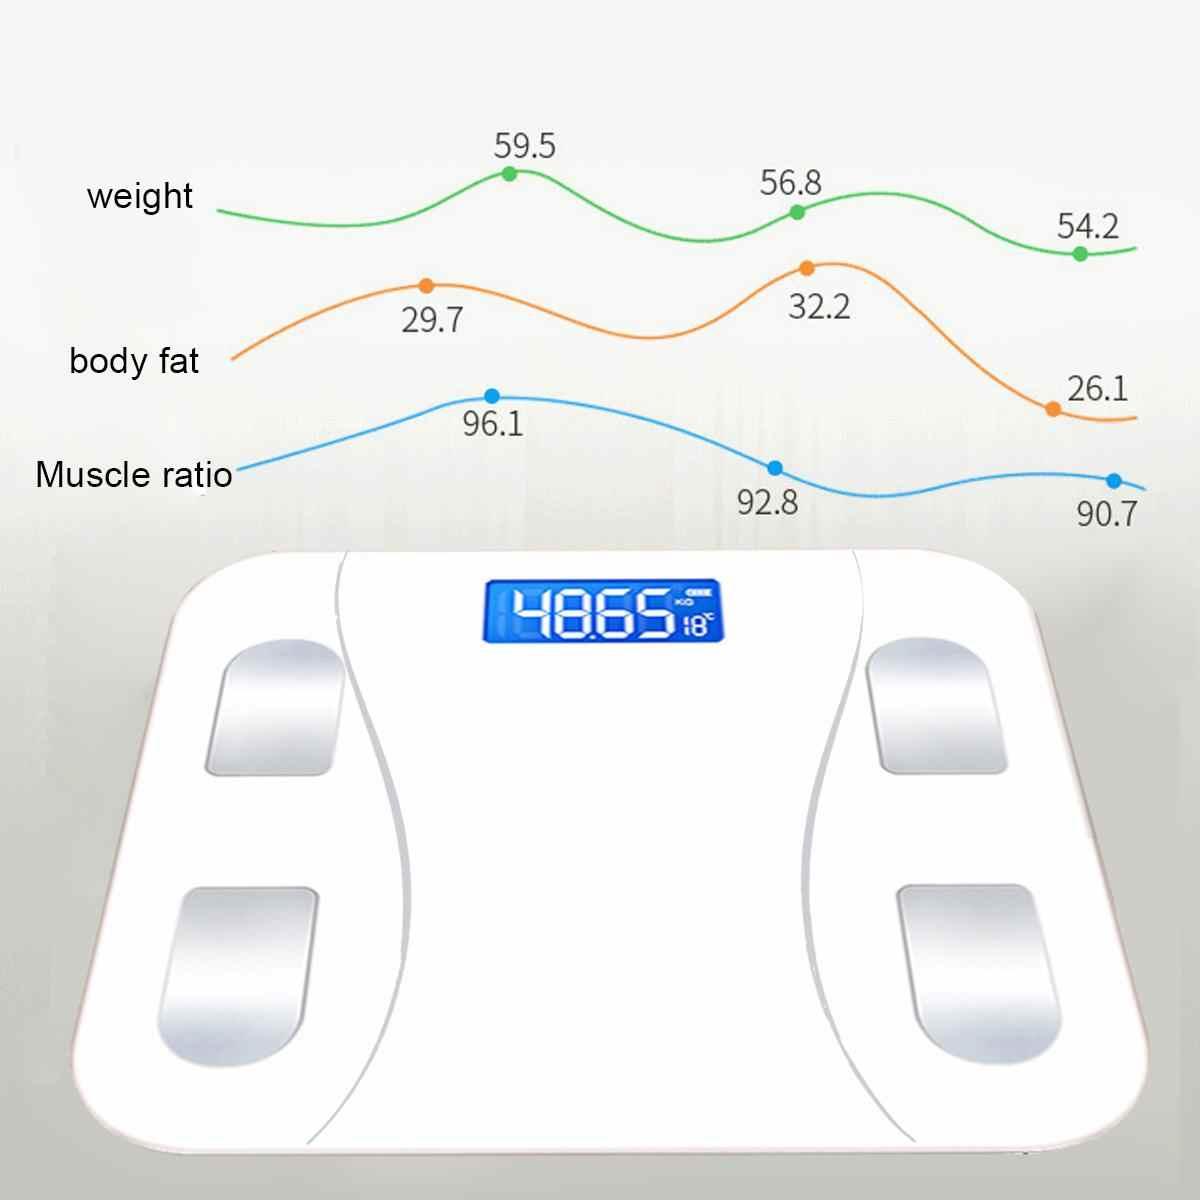 Bluetooth skala piętro naukowe inteligentne Wifi APP elektroniczny LED cyfrowy waga ciała waga łazienkowa tłuszczu woda masa mięśniowa BMI